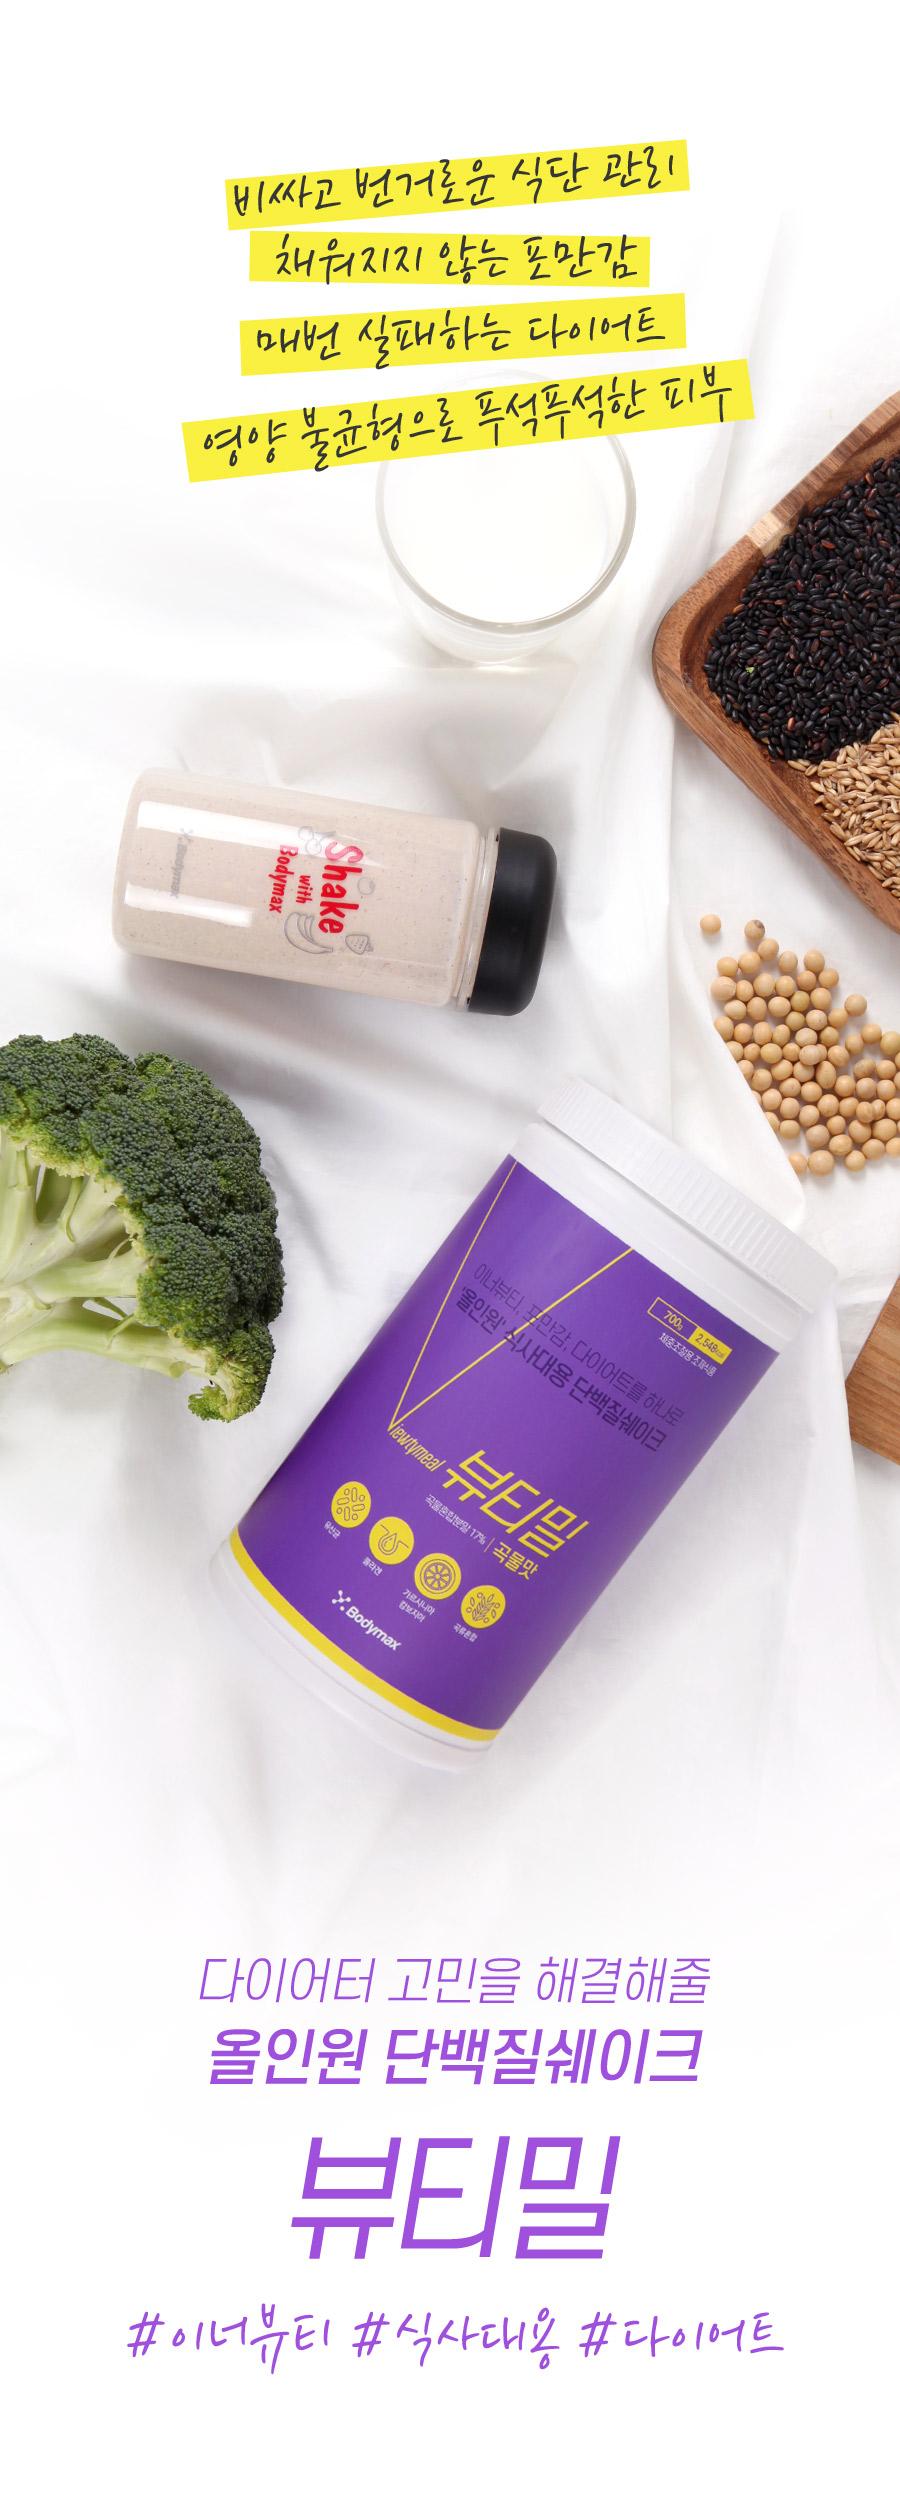 뷰티밀 단백질 쉐이크 올인원 다이어트쉐이크 식사대용 식단 음식 보조제 파우더